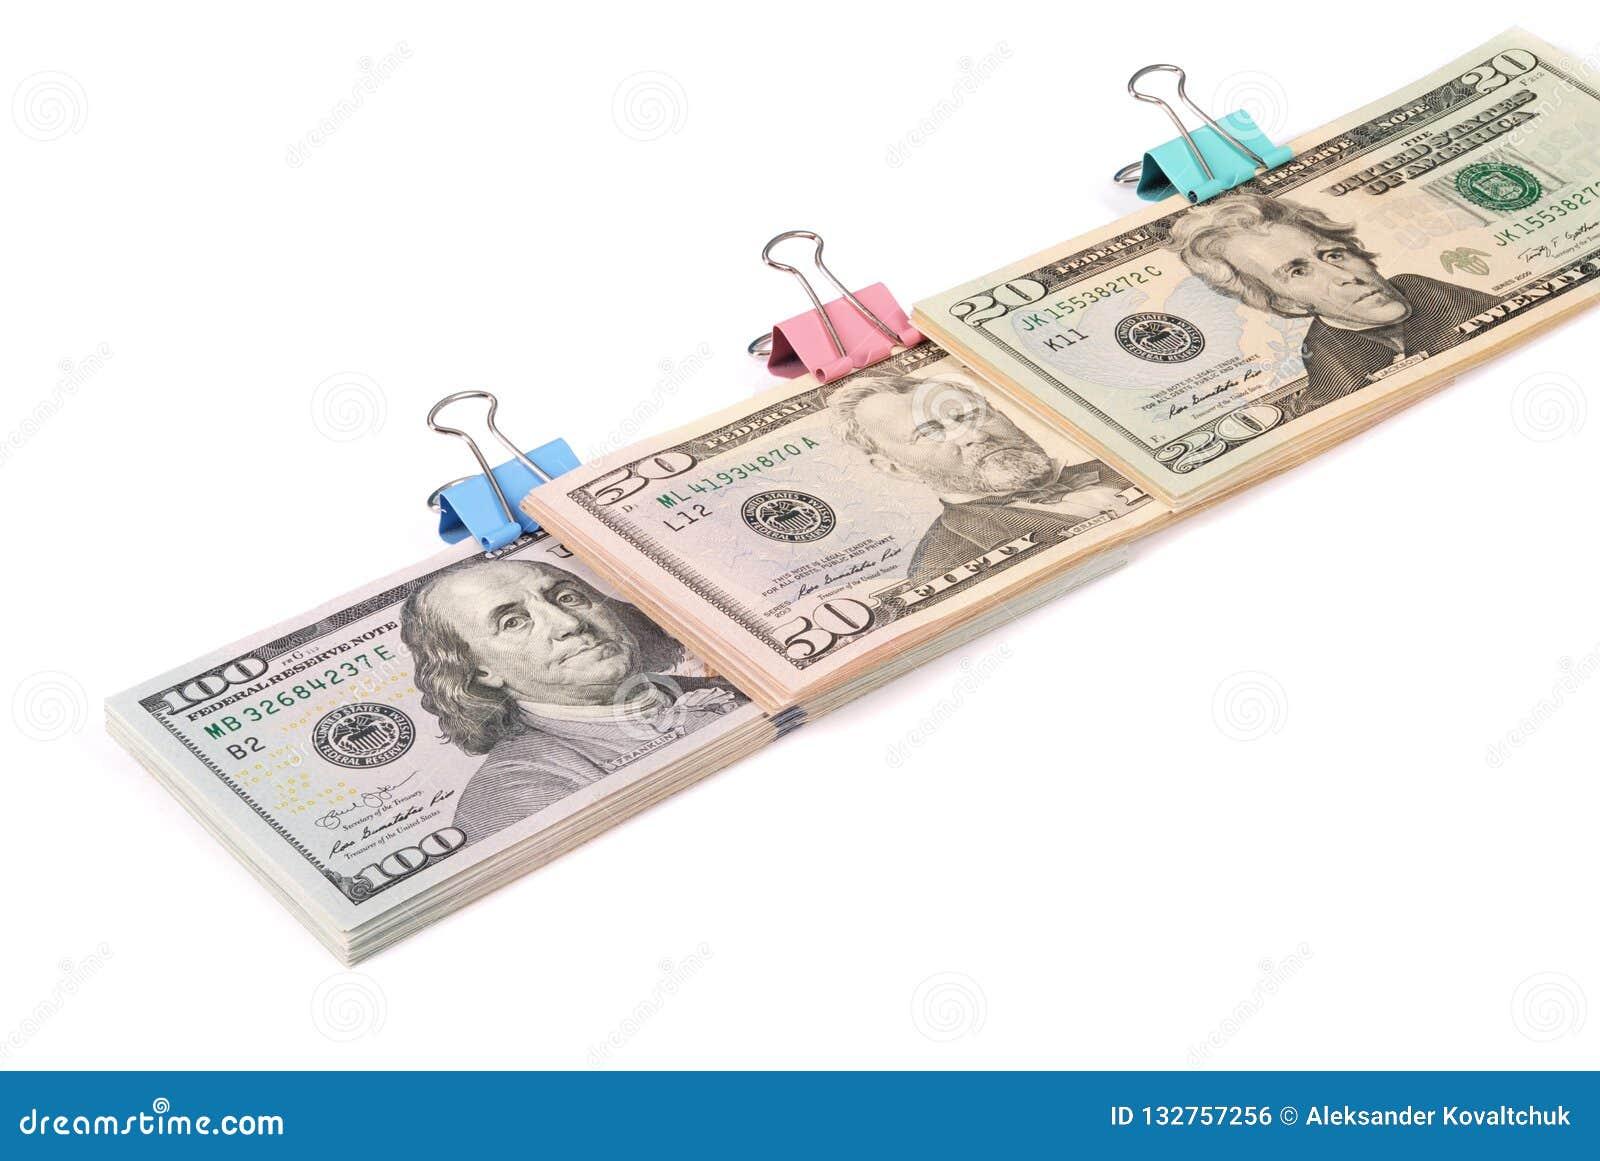 Drei Packs Geld hundert fünfzig und zwanzig Dollar